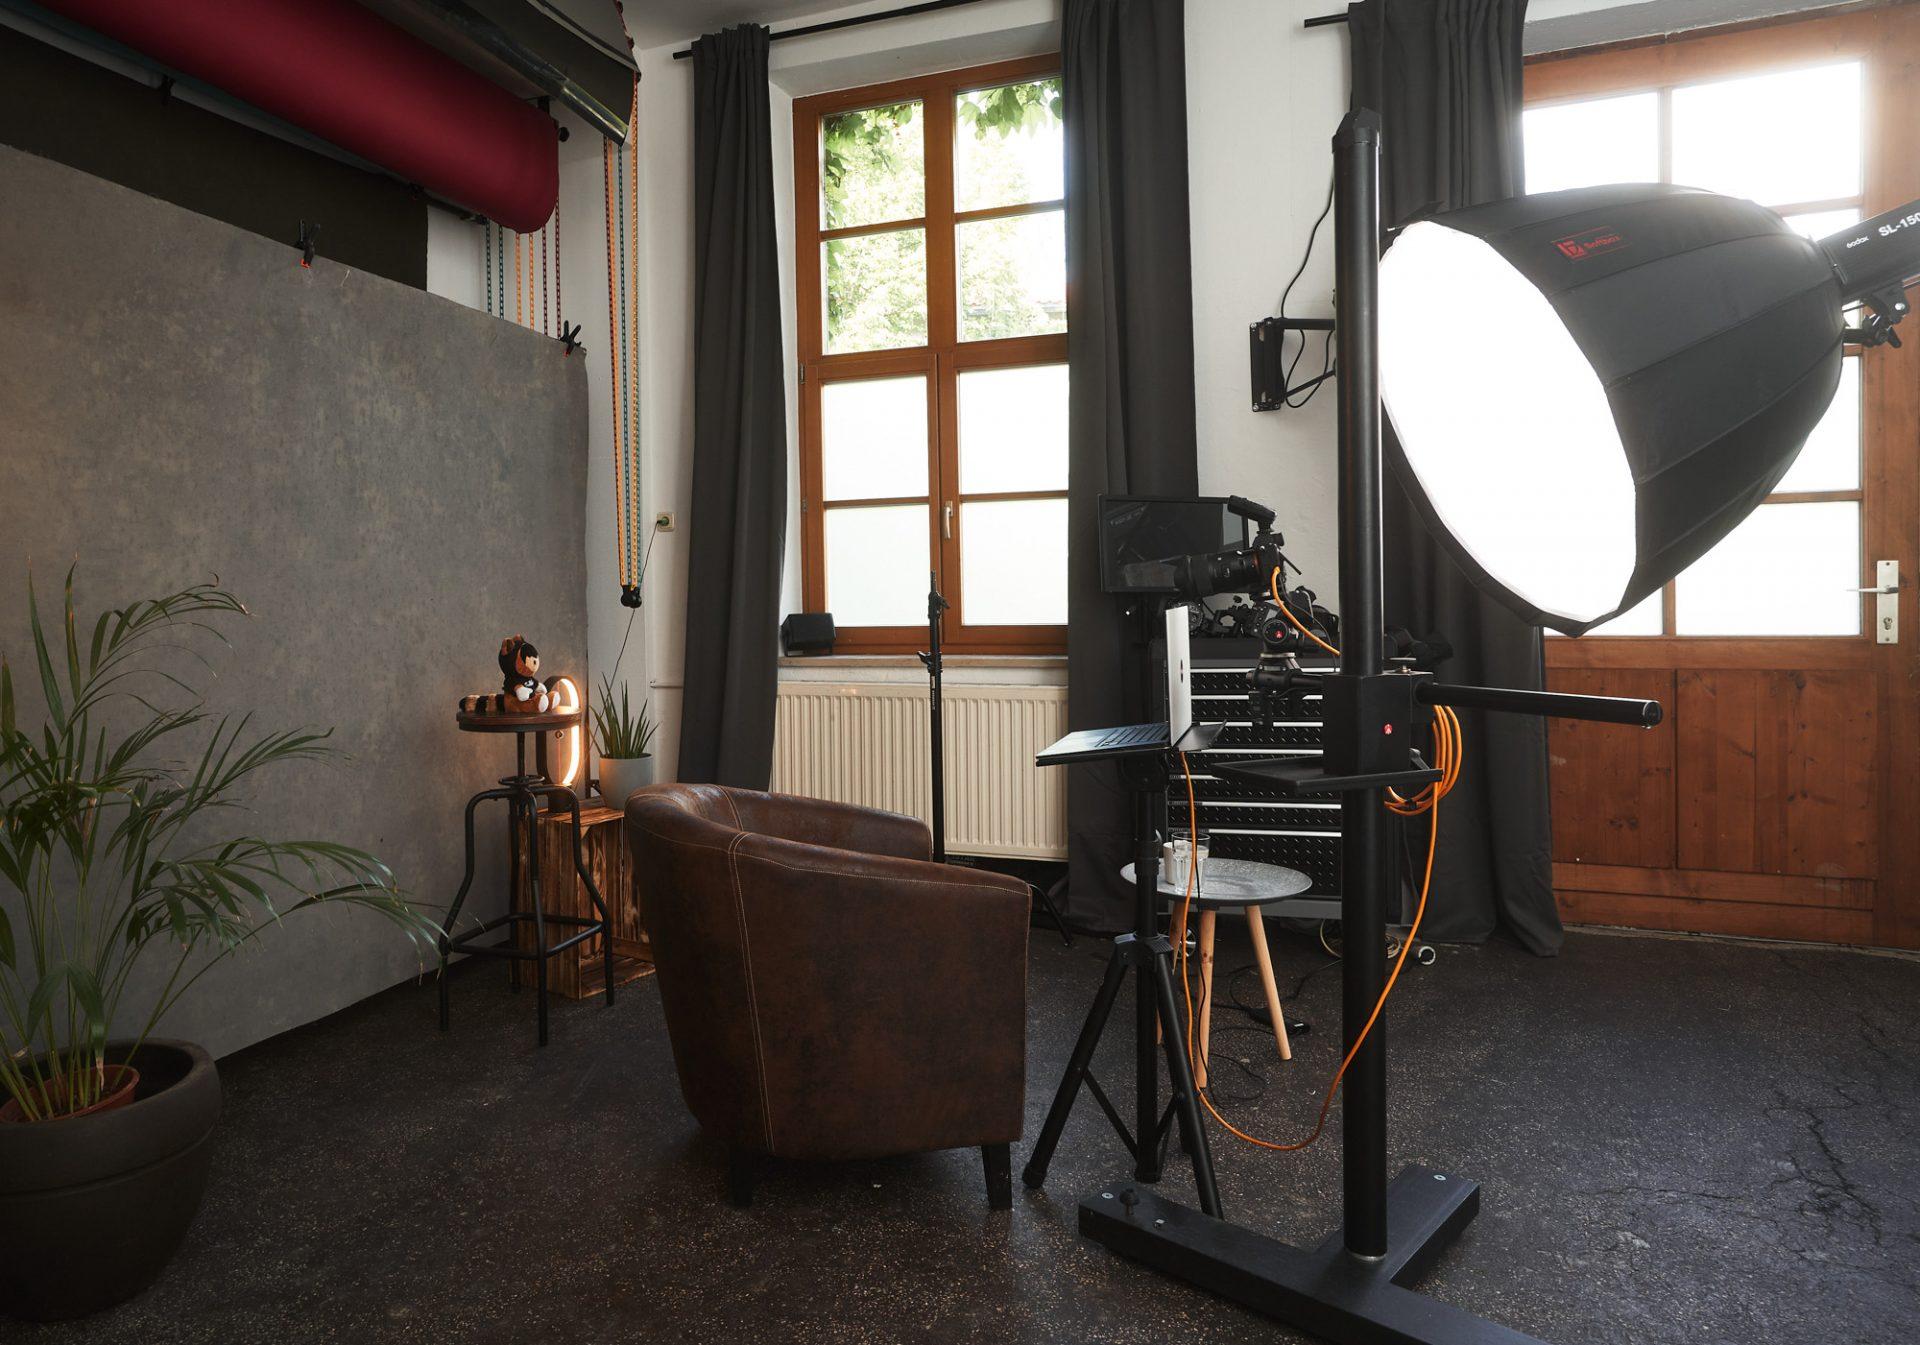 Fotostudio in München: Fotostudio für Portraits, Bewerbungsfotos und Lifestylefotos ©Offenblende